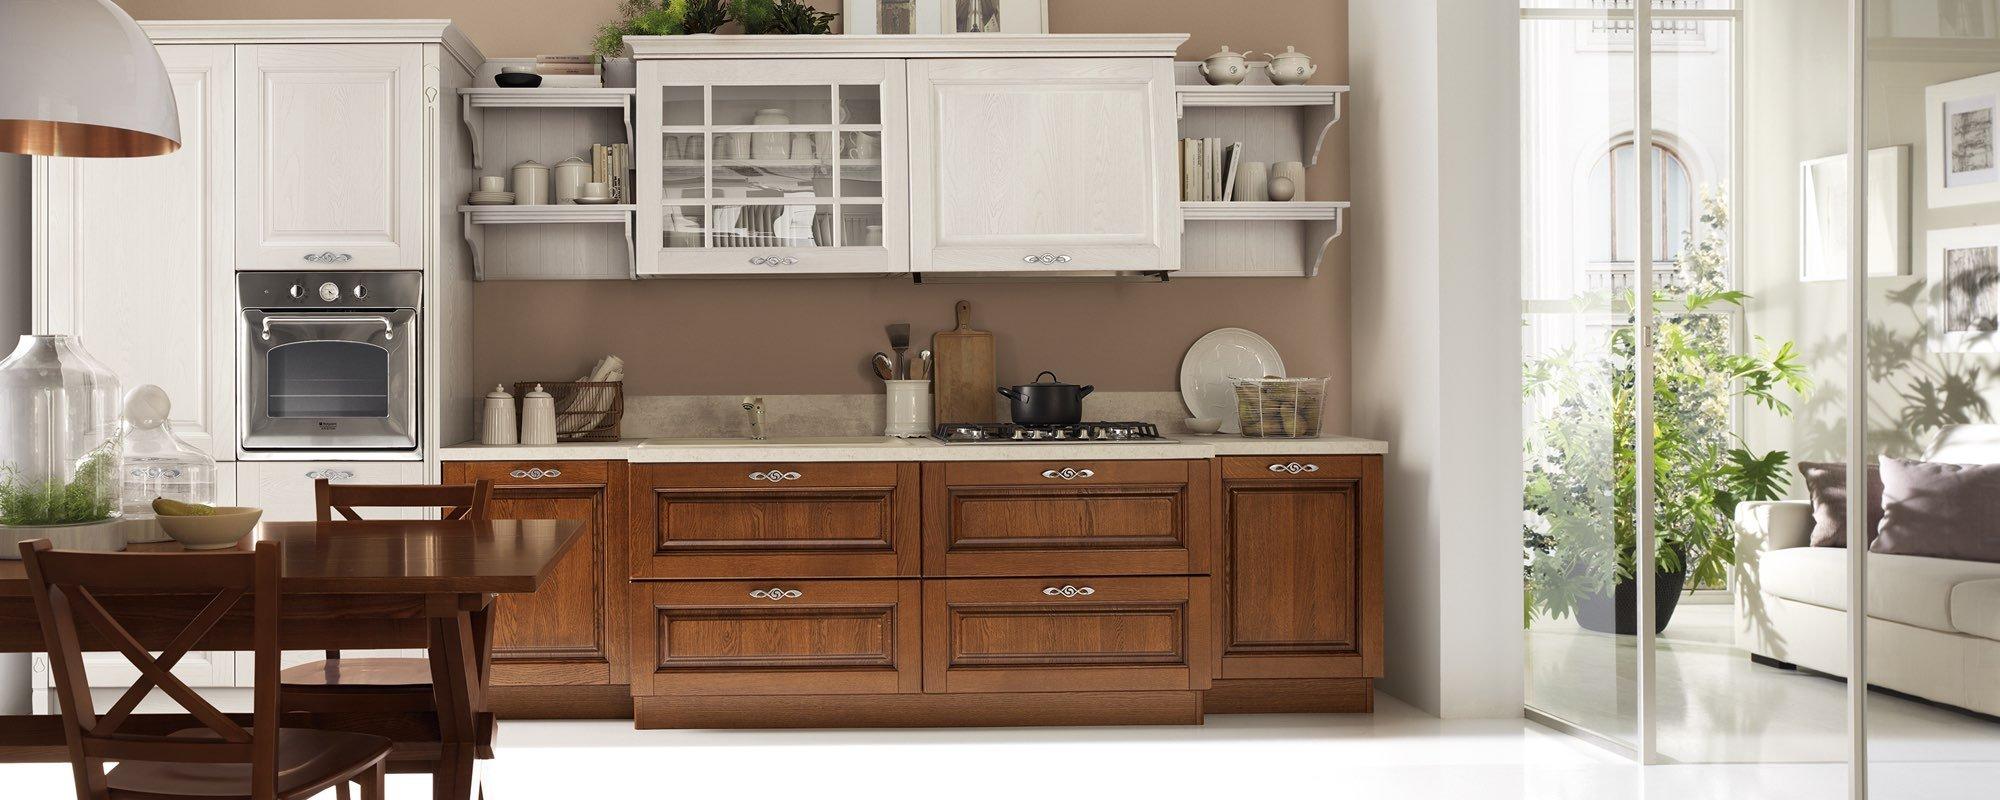 cucina classica in legno - SATURNIA